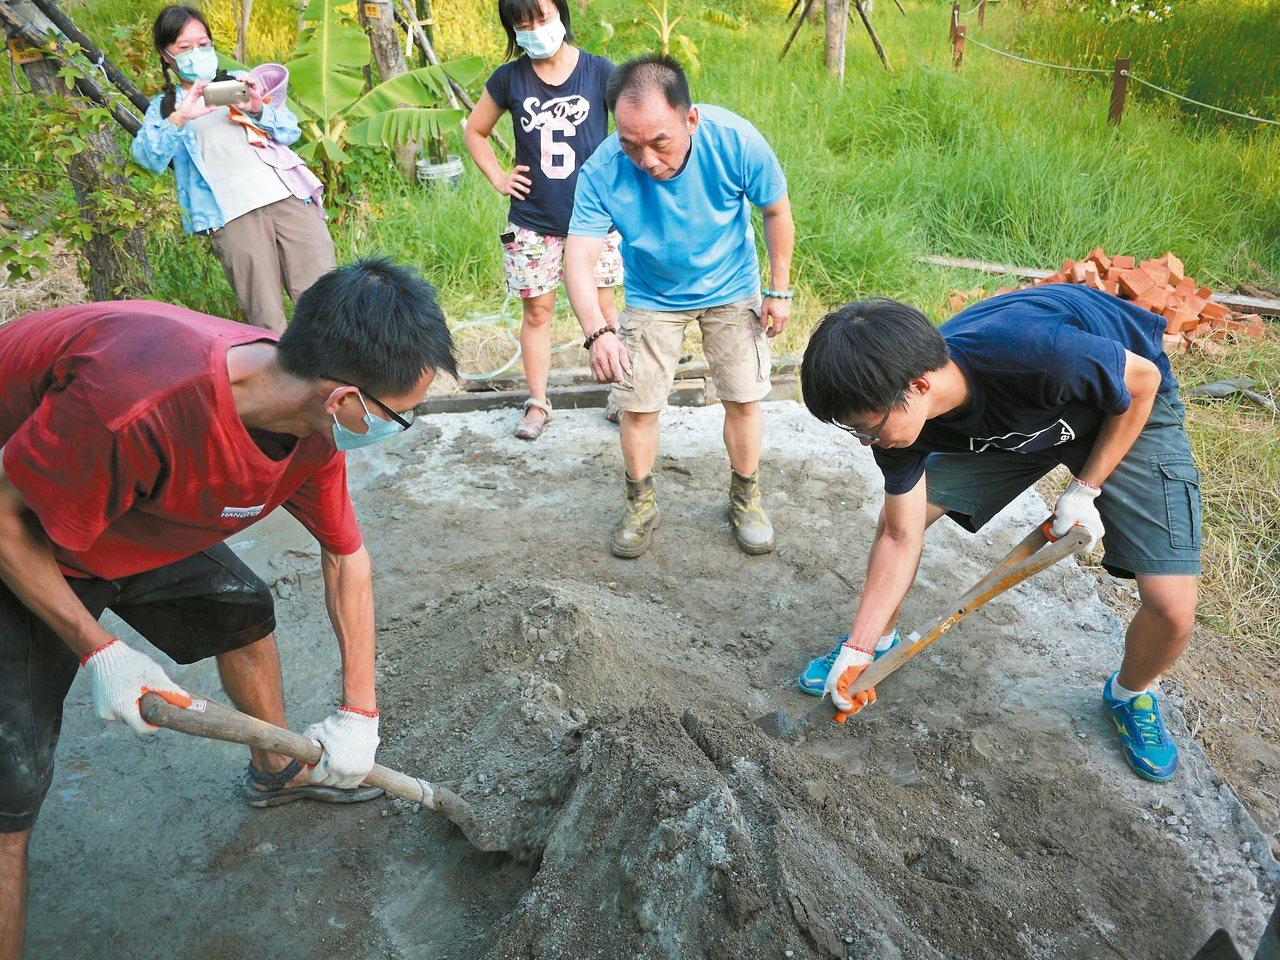 「灶窯」工程的初期,地方社區的莊兆華先生(中間藍衣者)來教沺源青們攪水泥,補強基...